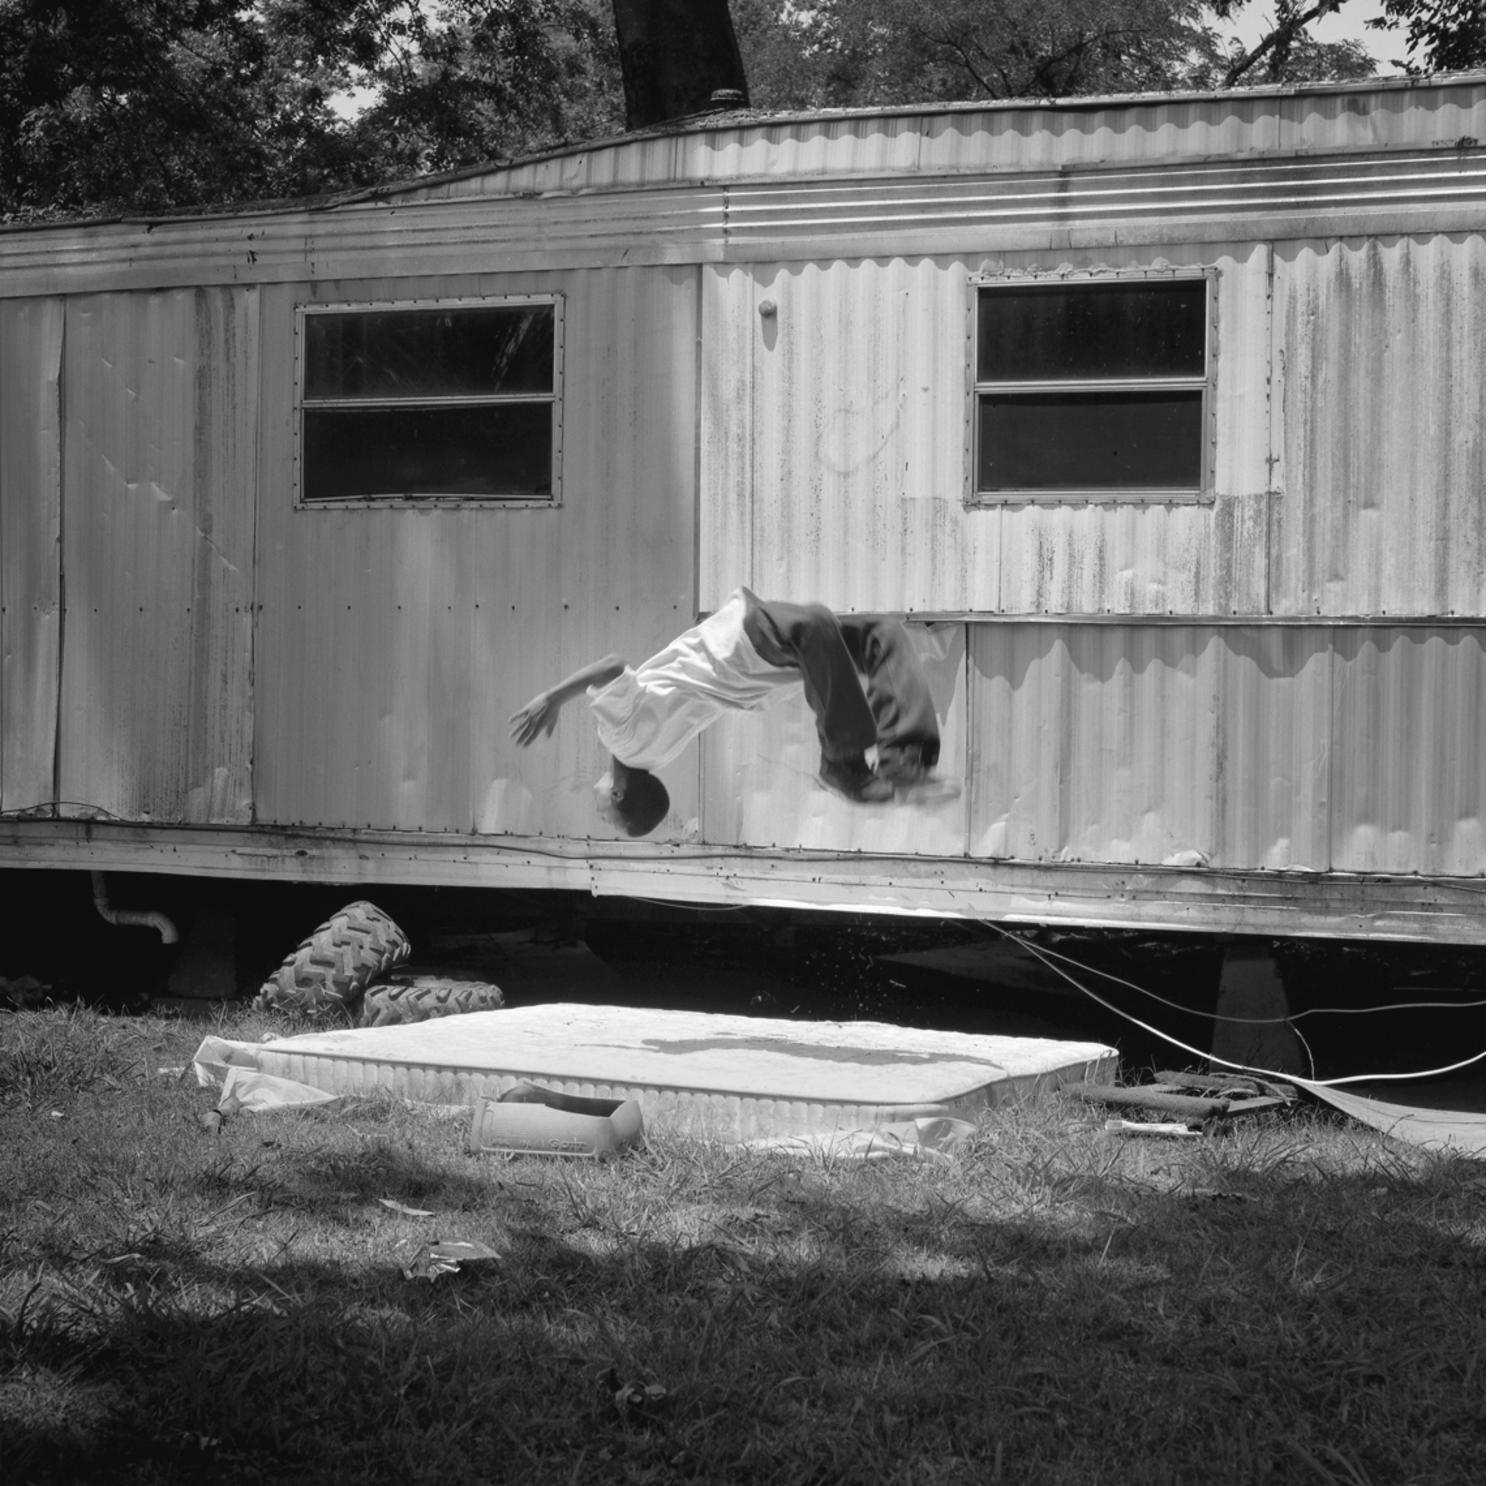 Thibodeaux, Brandon. Backflip, Duncan, Mississippi. 2011